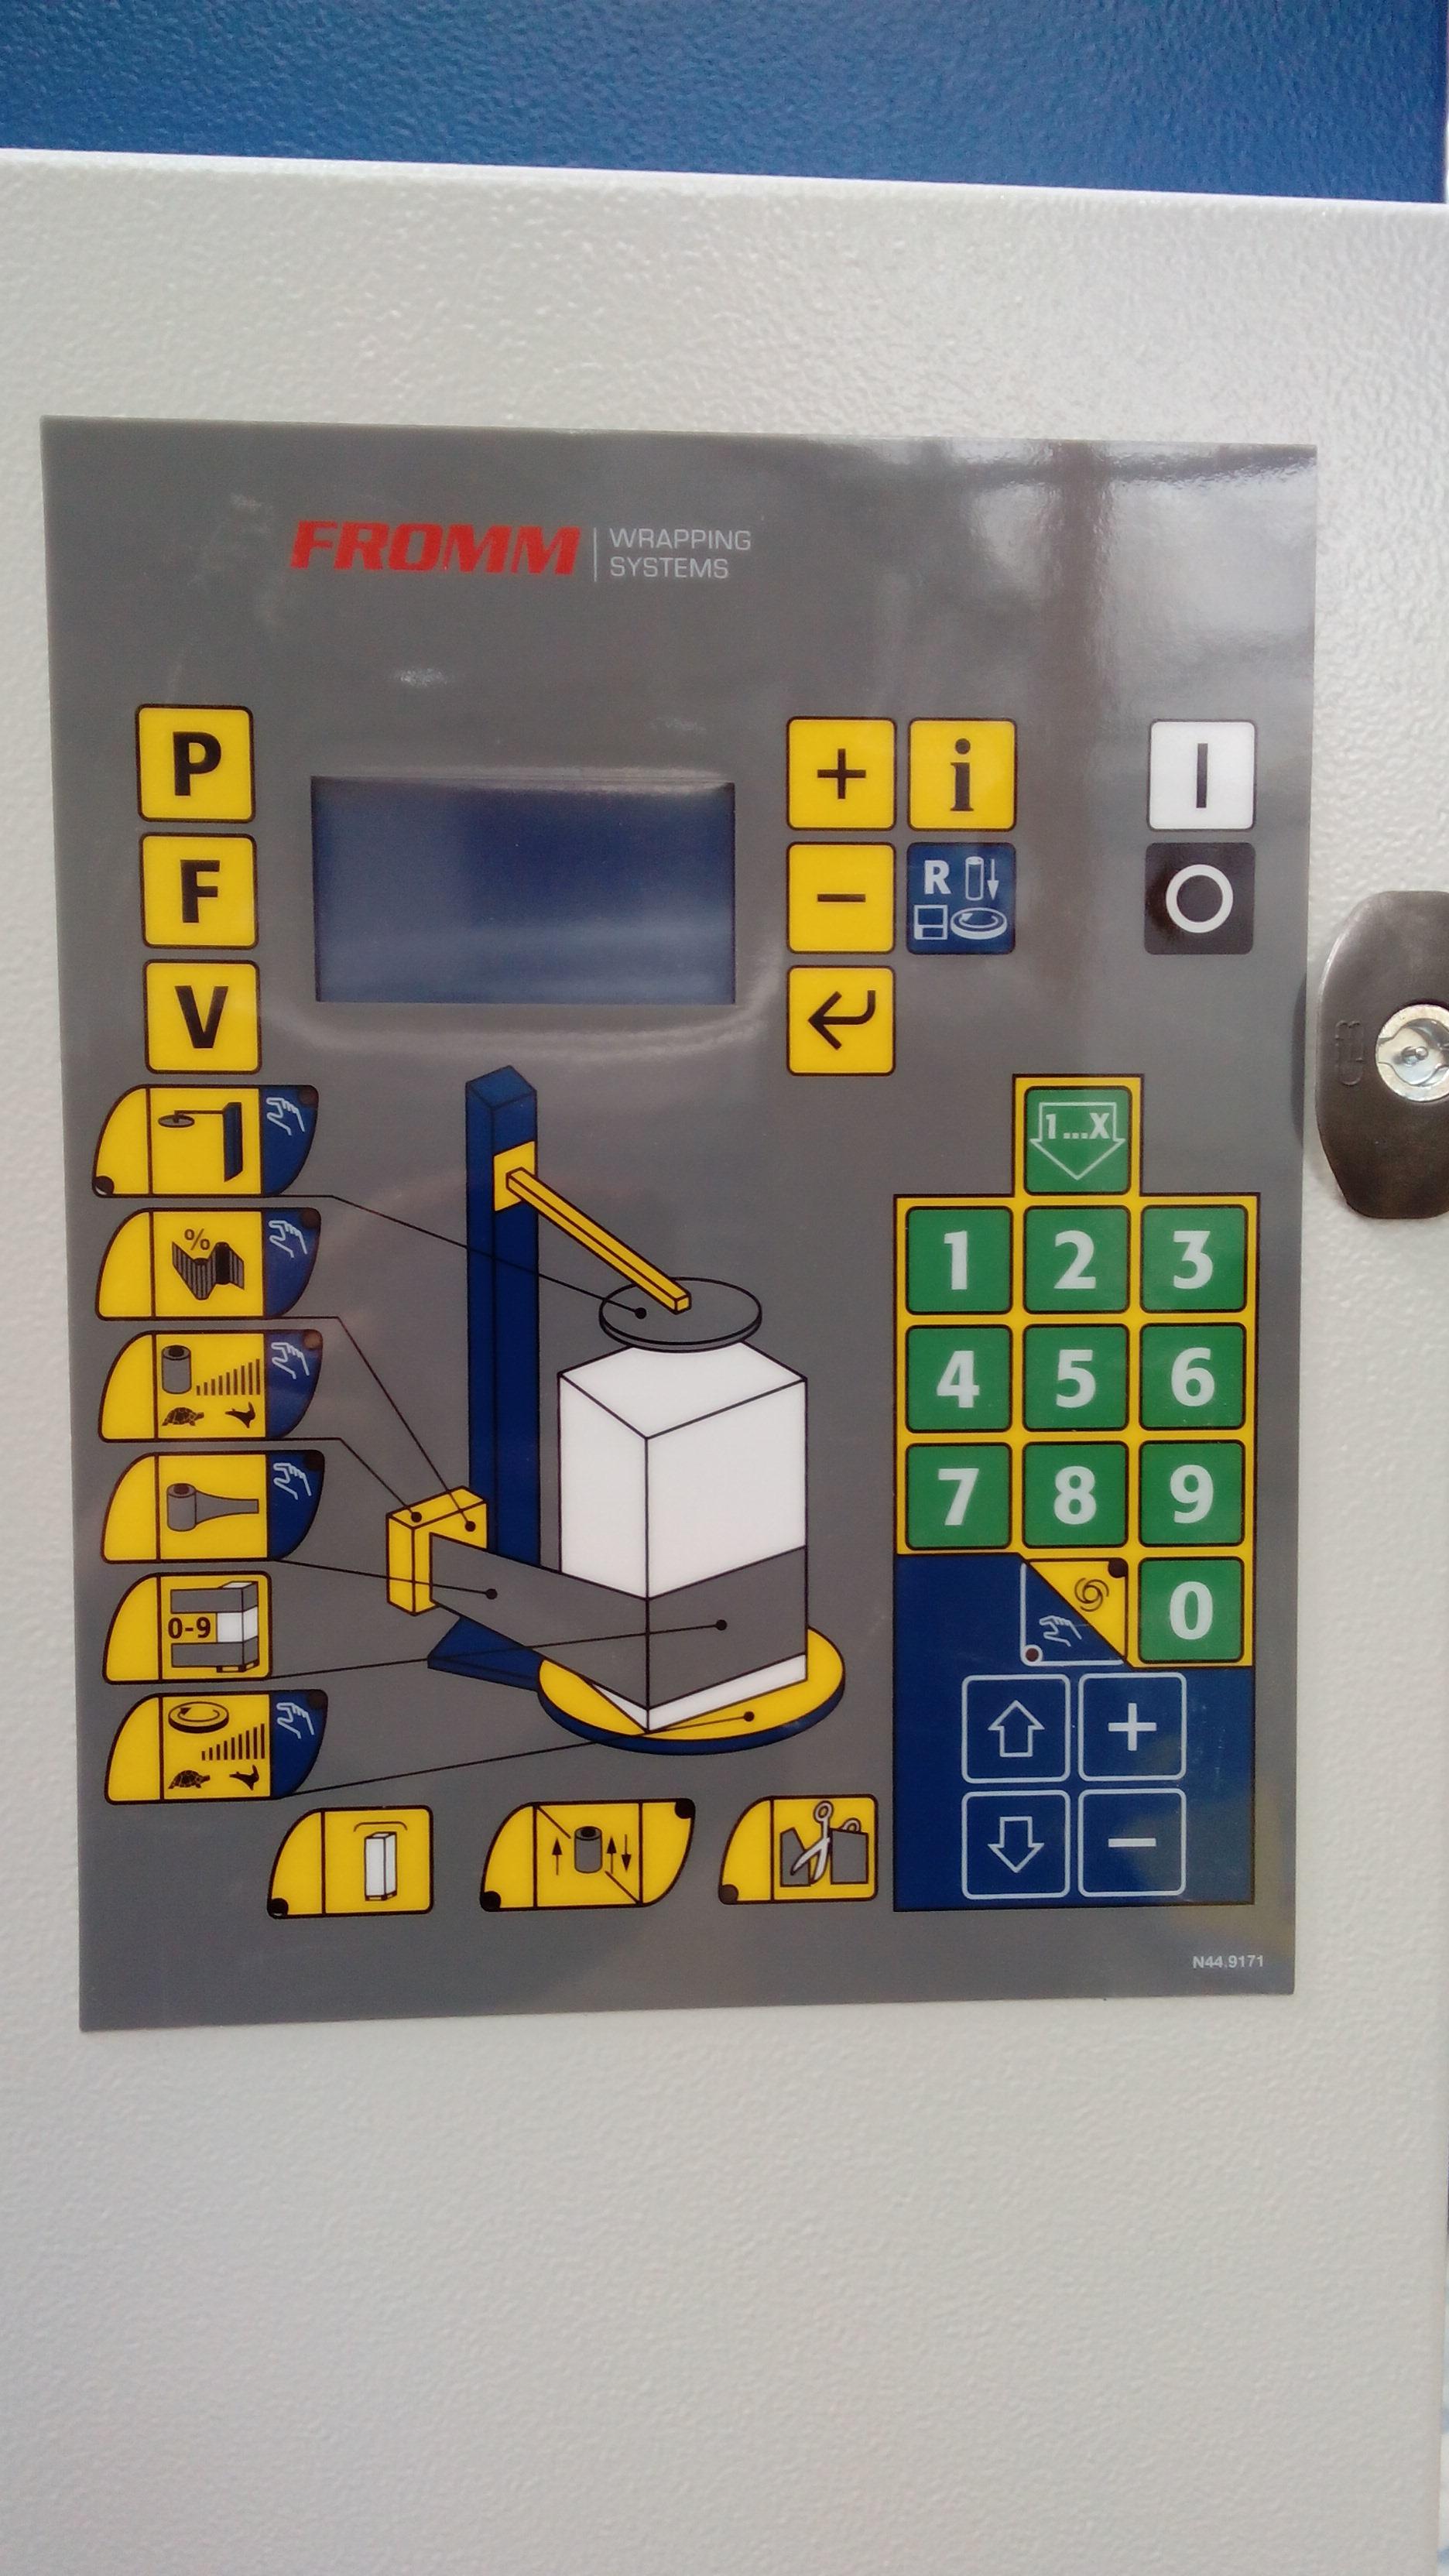 Fromm ovijeci stroje - operacni panel FS390